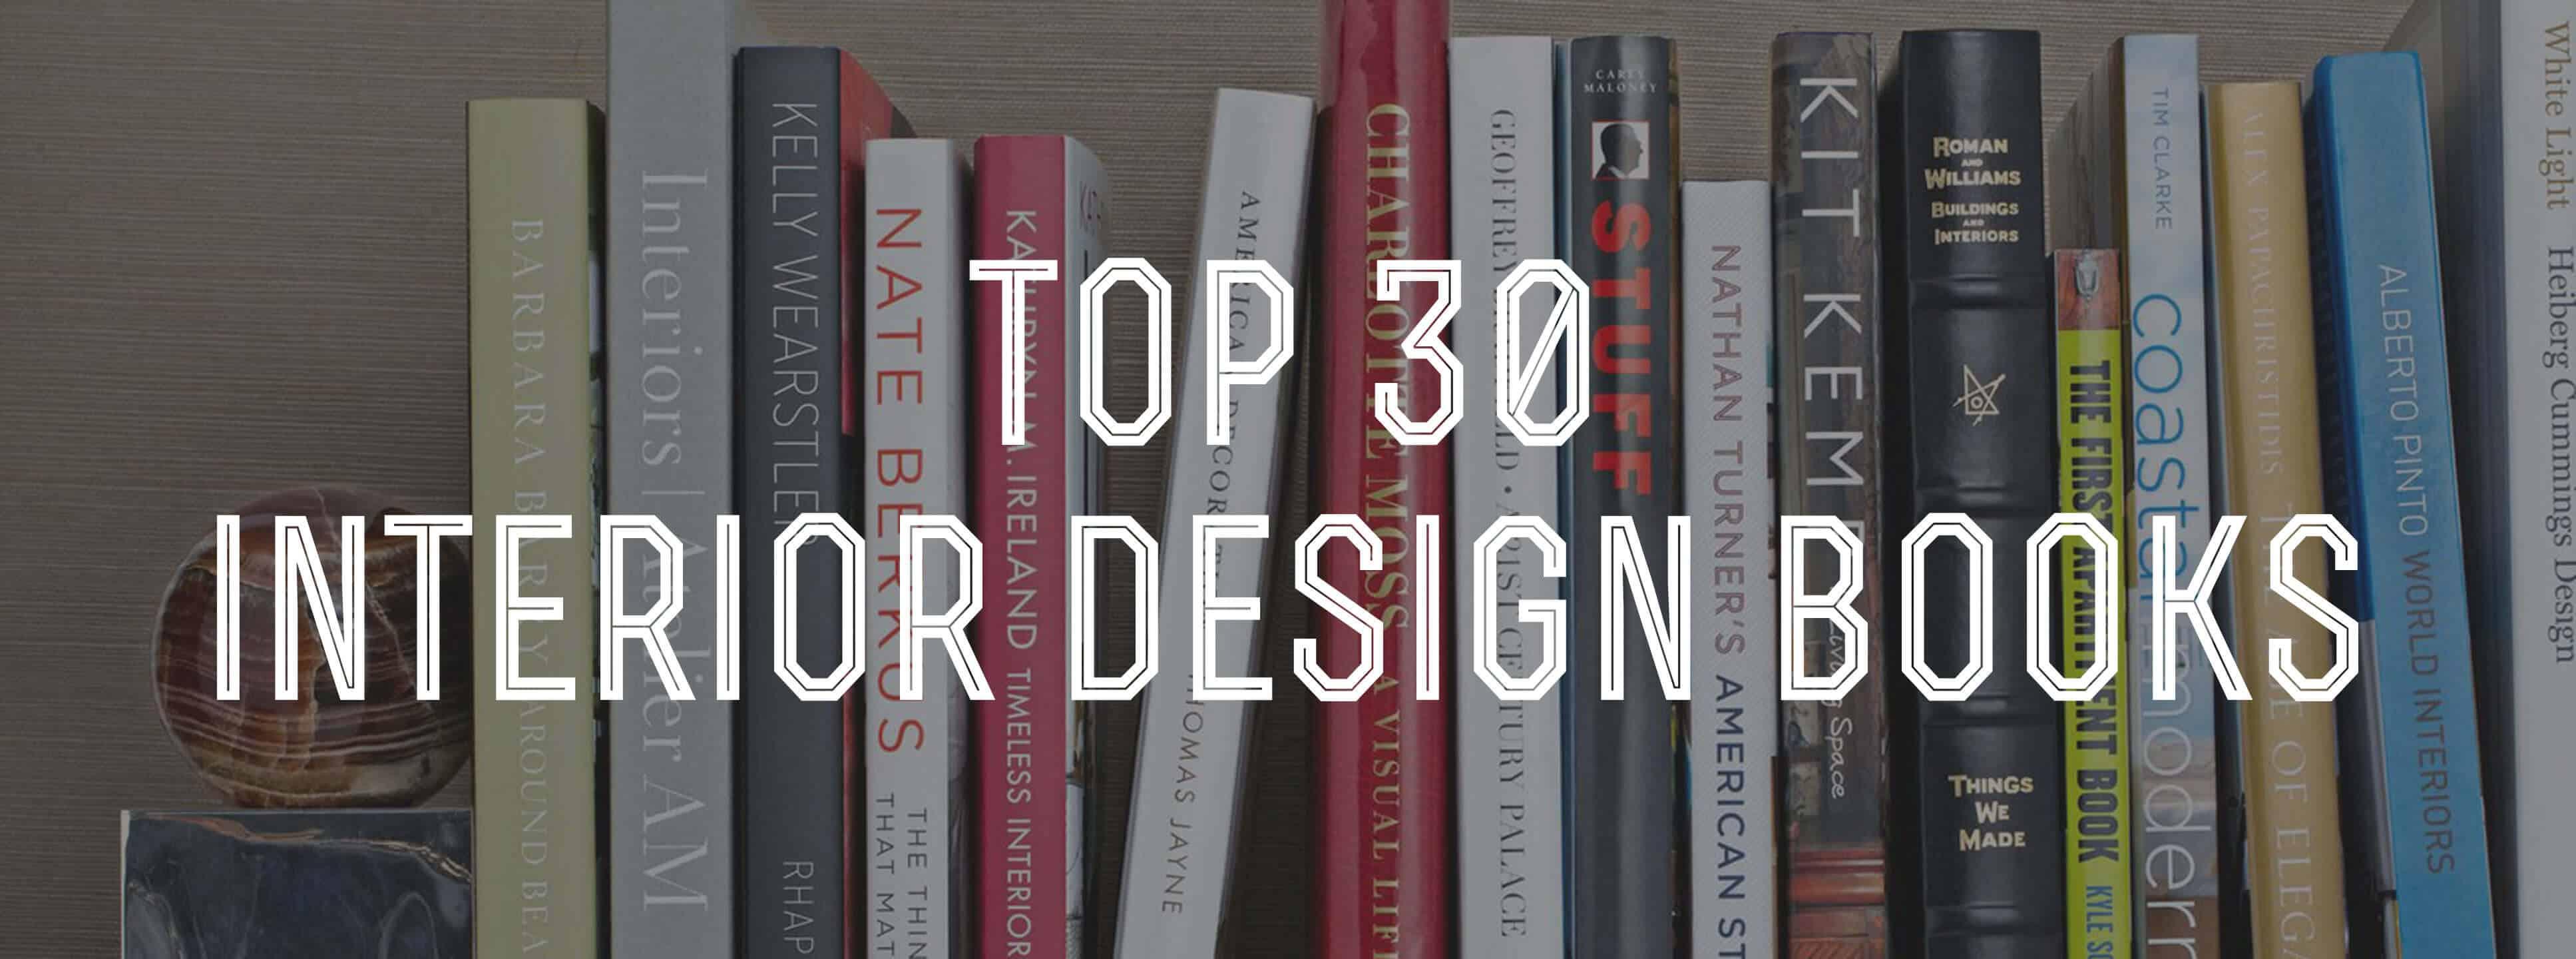 Top 30 Interior Design Books Gentlemans Gazette